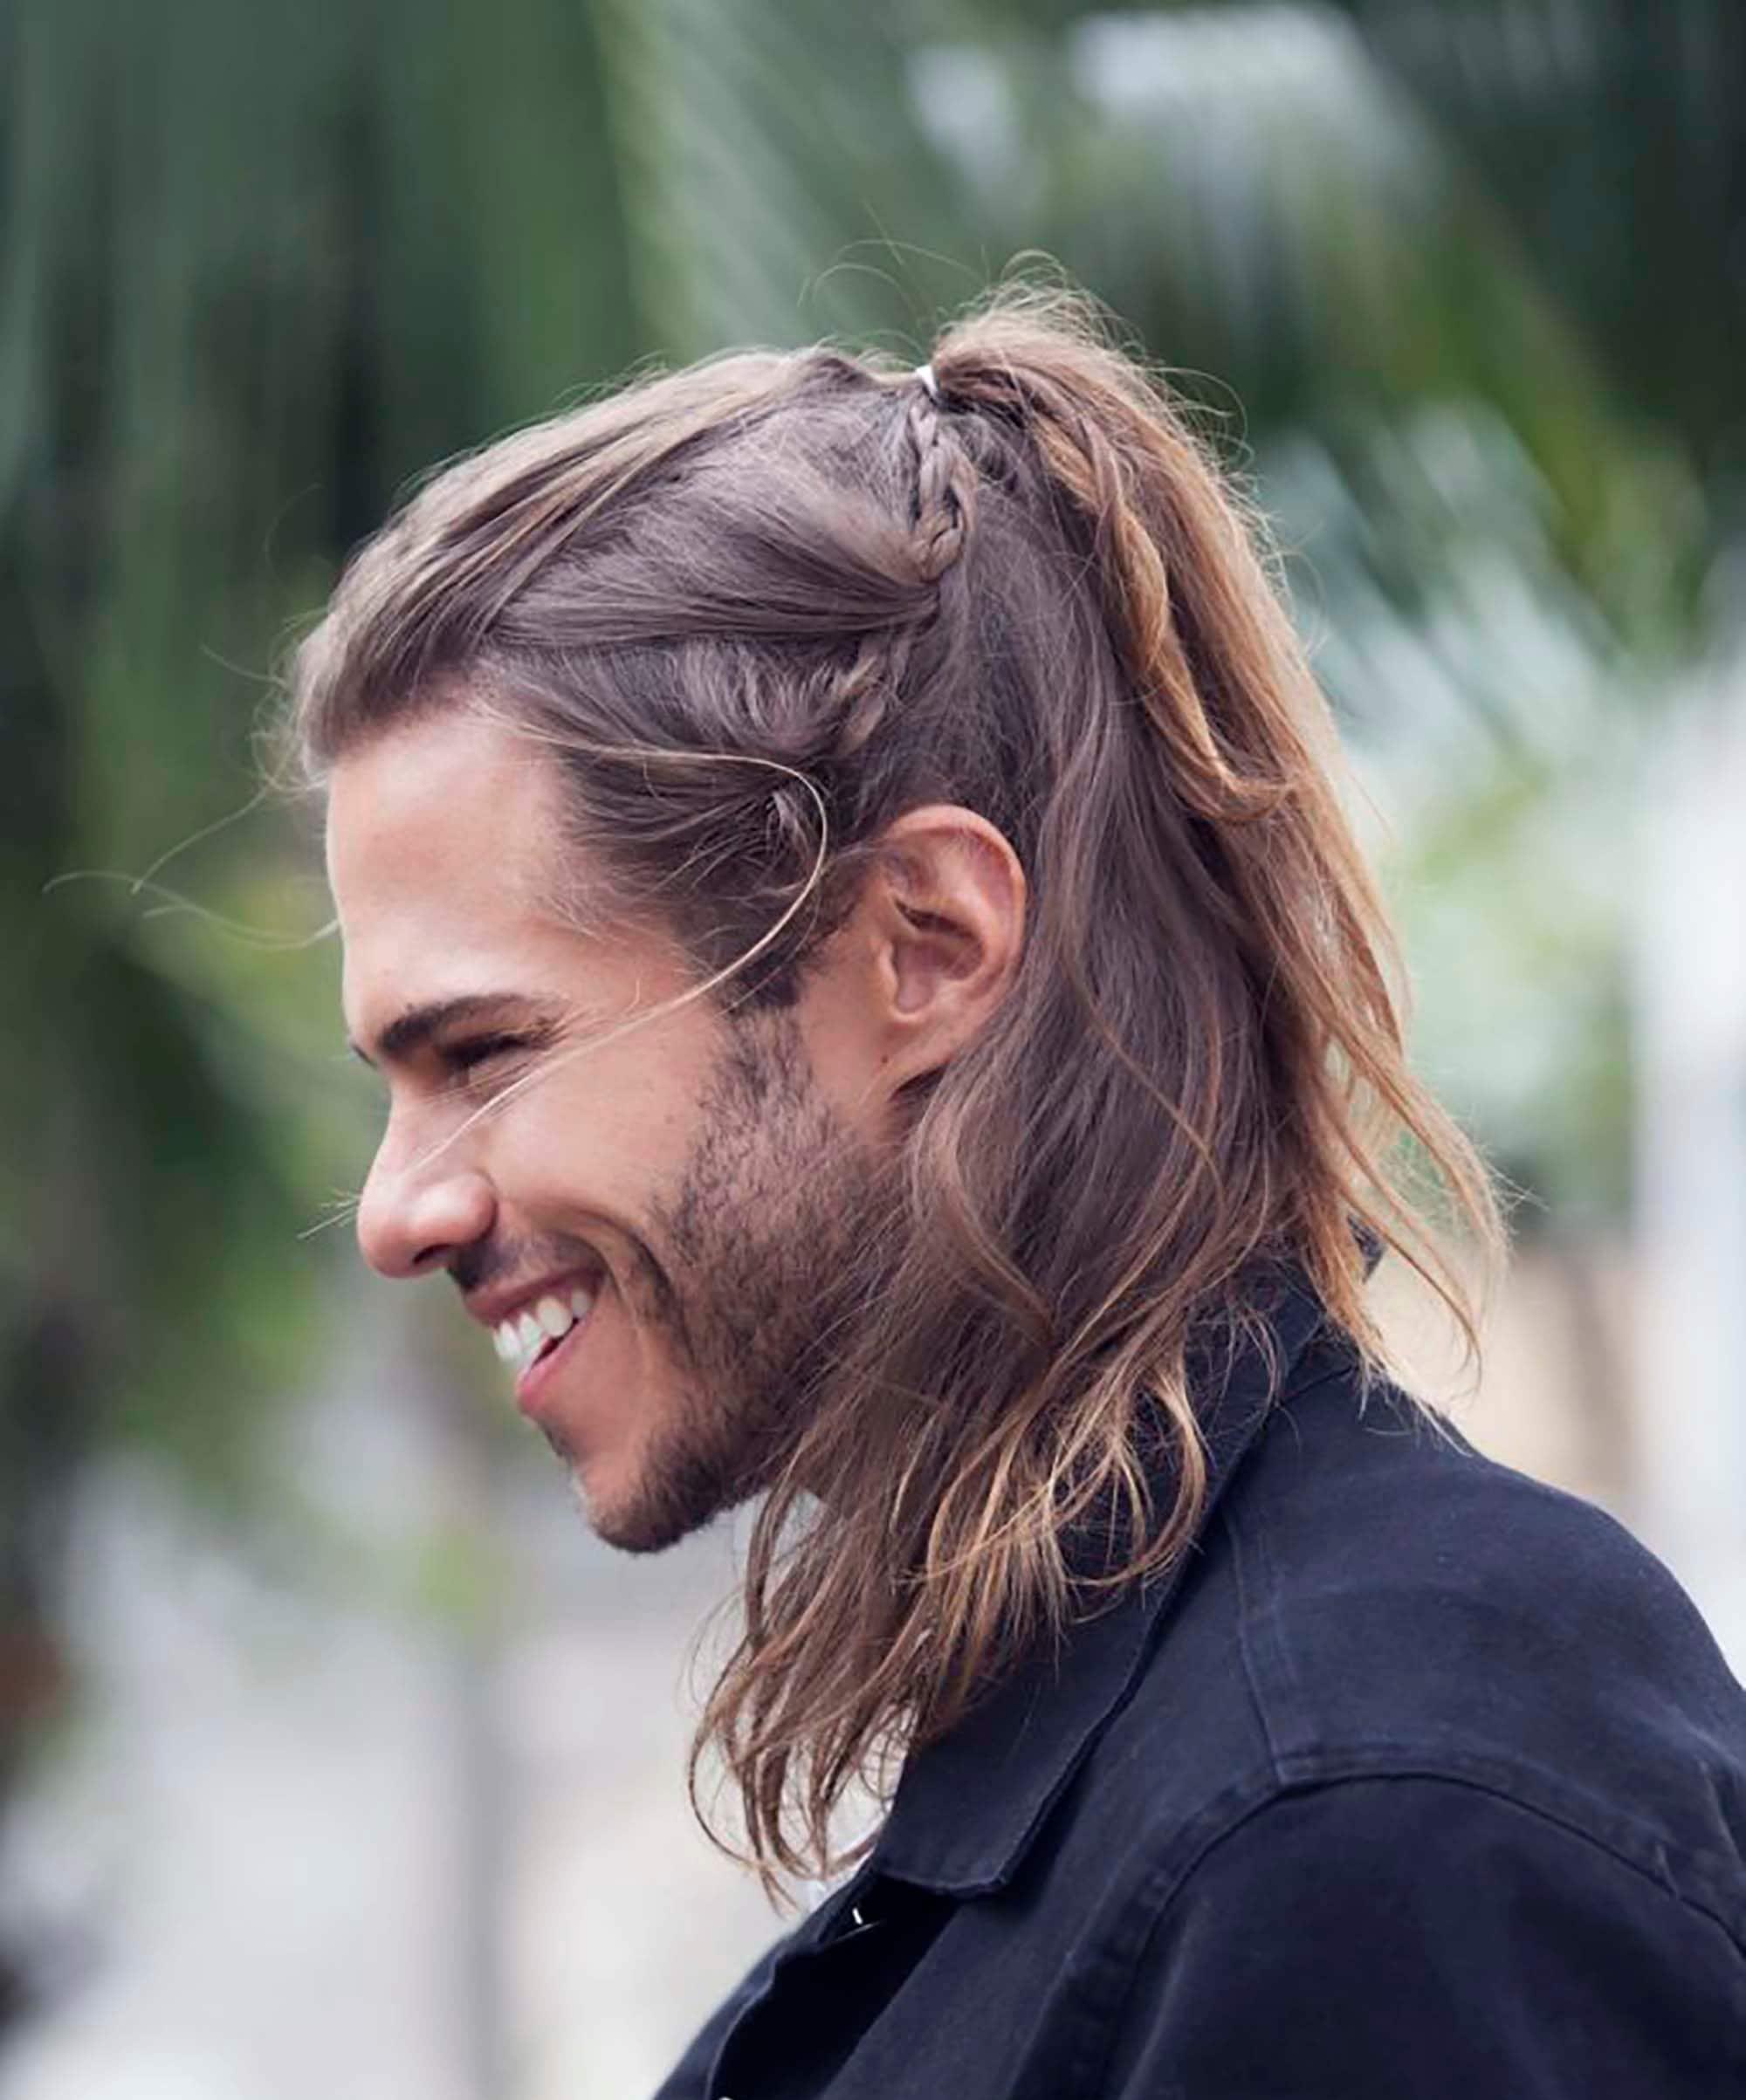 Fascinante peinados largos hombre Colección de ideas de color de pelo - 7 Peinados de hombres de pelo largo súper cool para ...